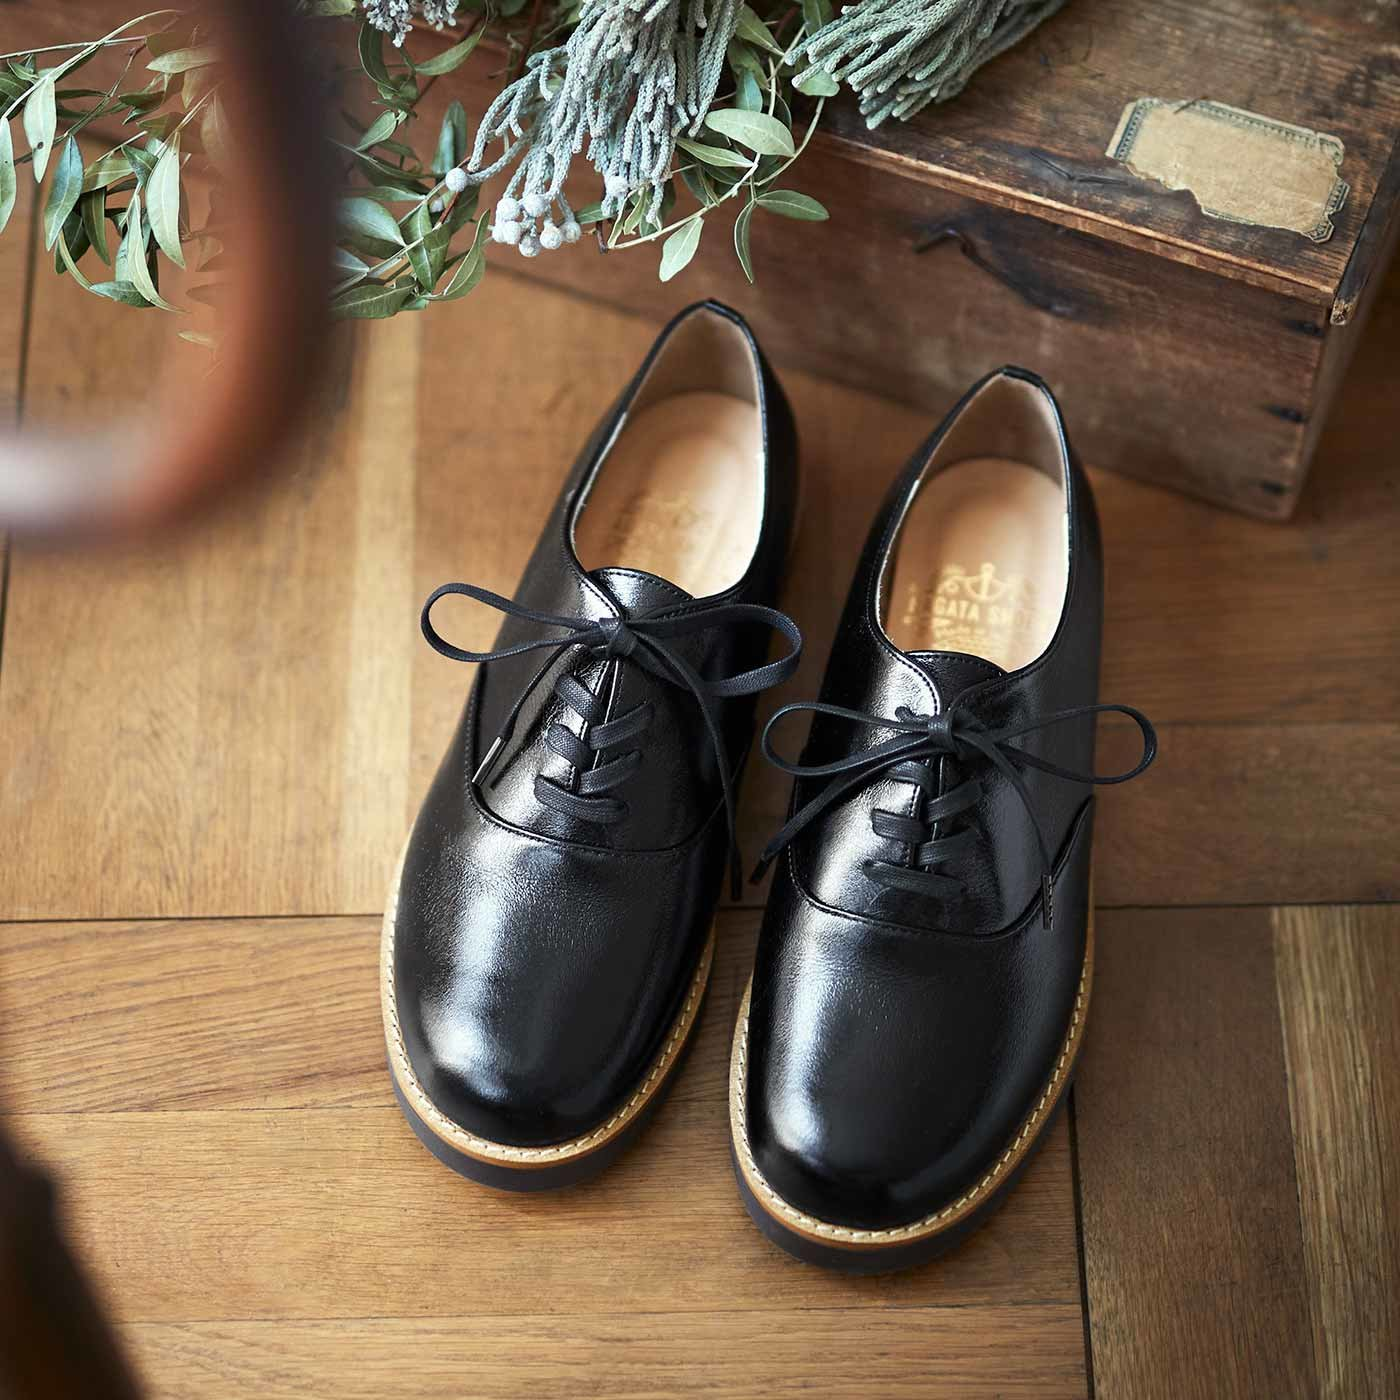 靴デザイナーと作った 職人本革のポストマンシューズ〈ブラックスピネル〉[本革 靴:日本製]